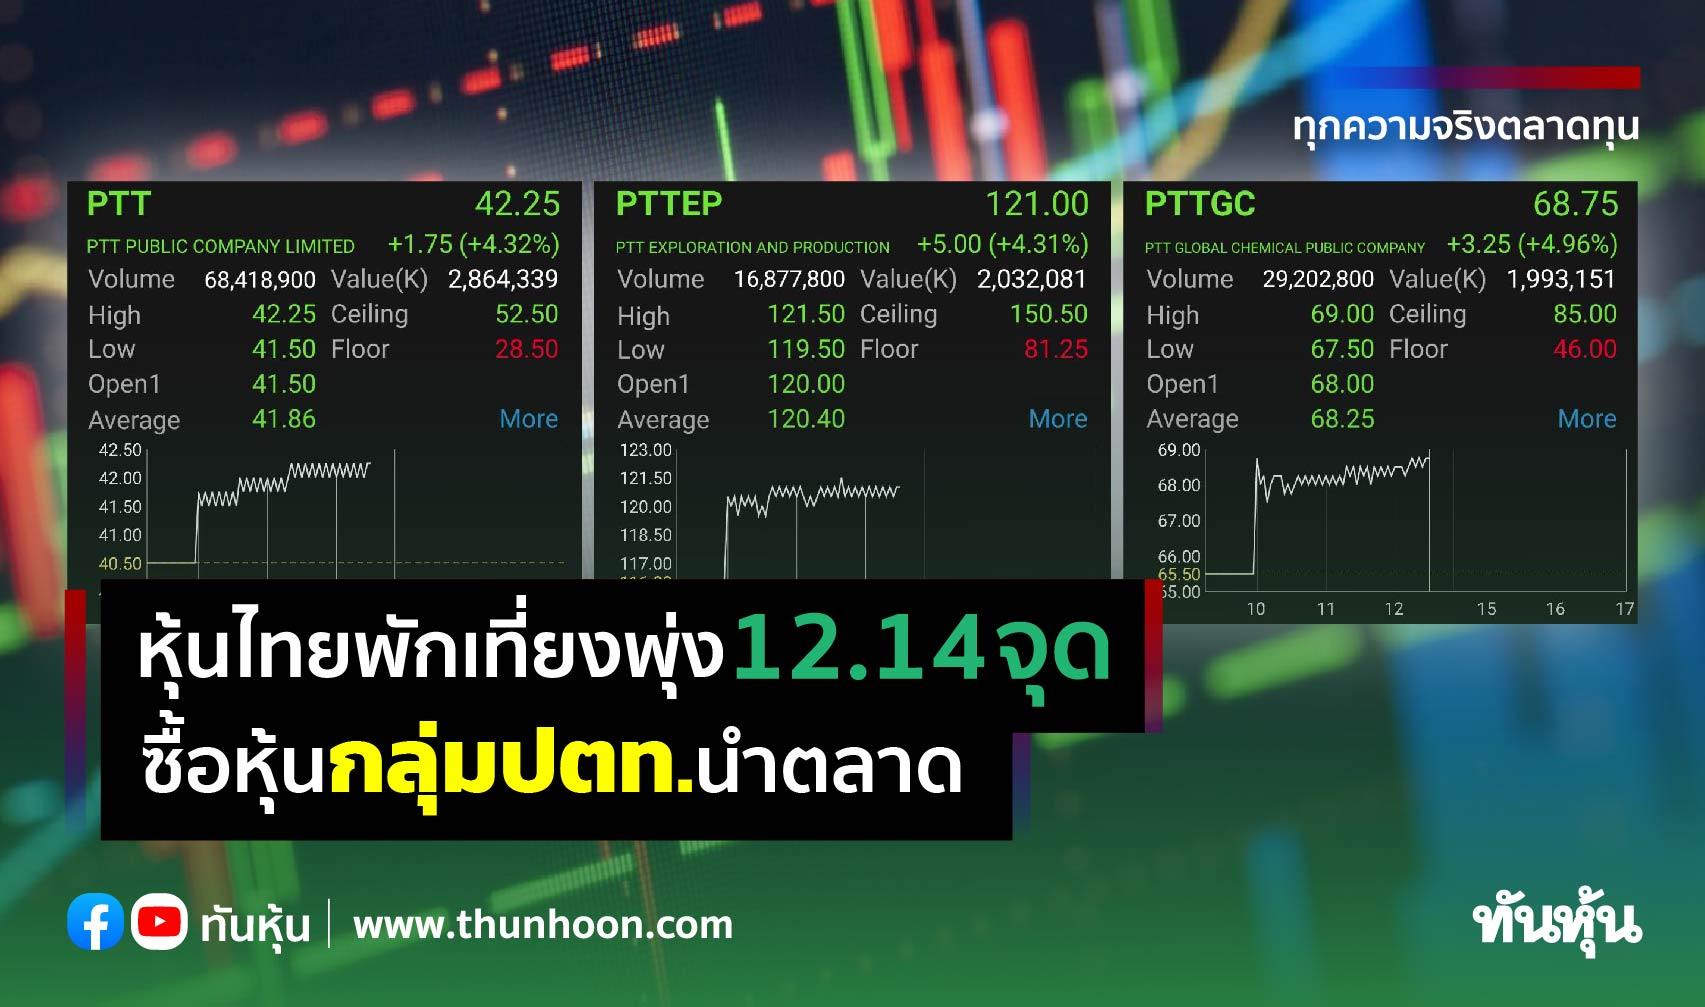 หุ้นไทยพักเที่ยงปิดที่ 1,556.25 จุด บวก 0.79% ซื้อหุ้นกลุ่ม ปตท.นำตลาด